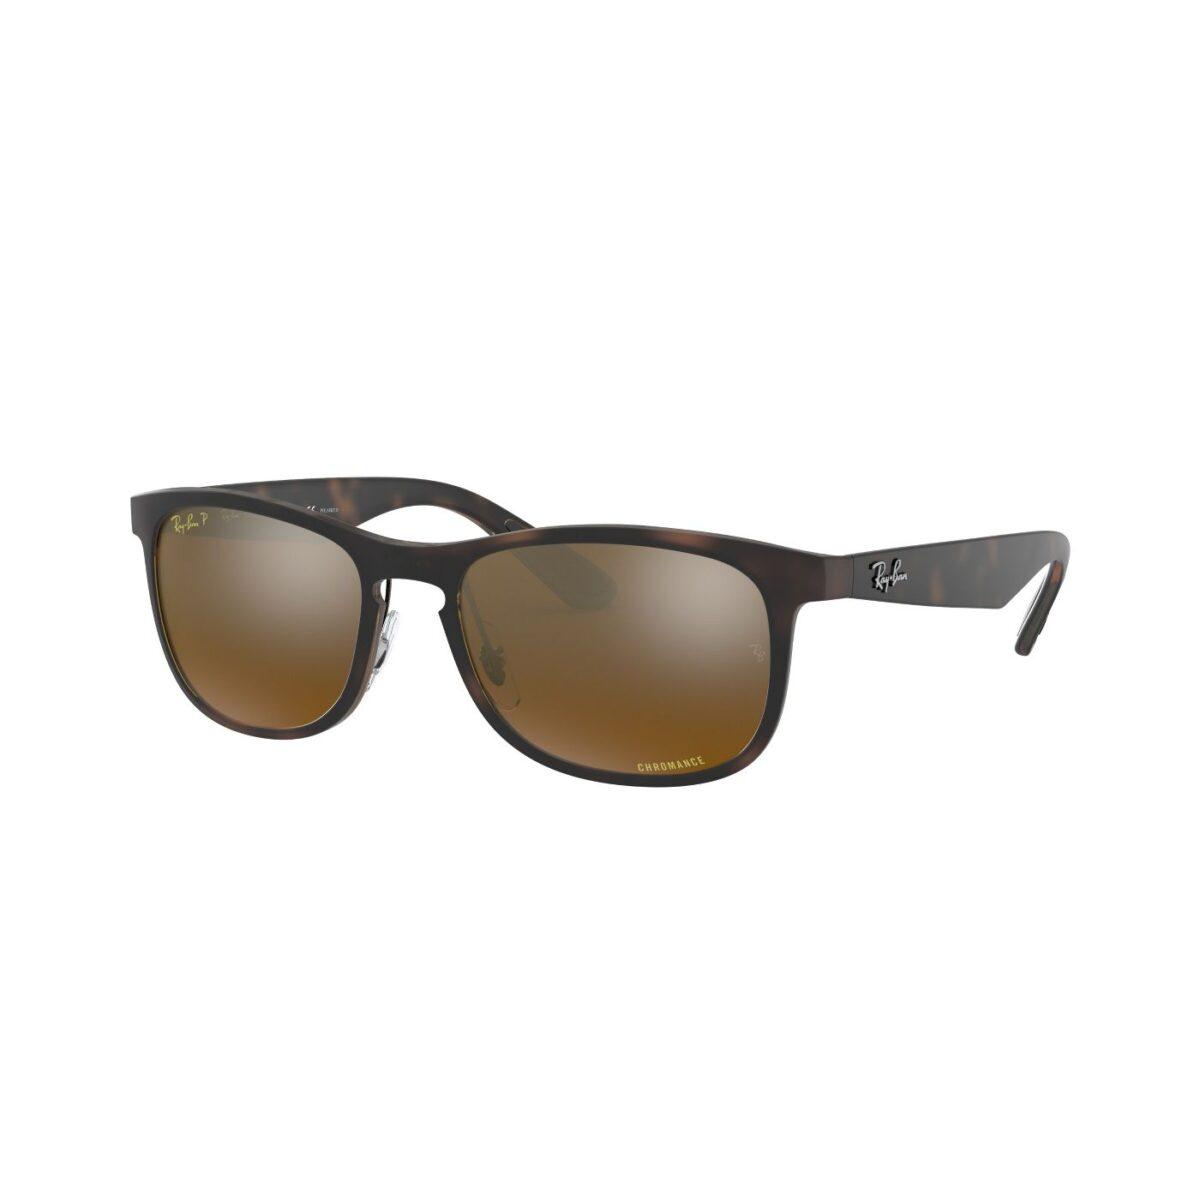 Ray Ban Male Square Sunglasses